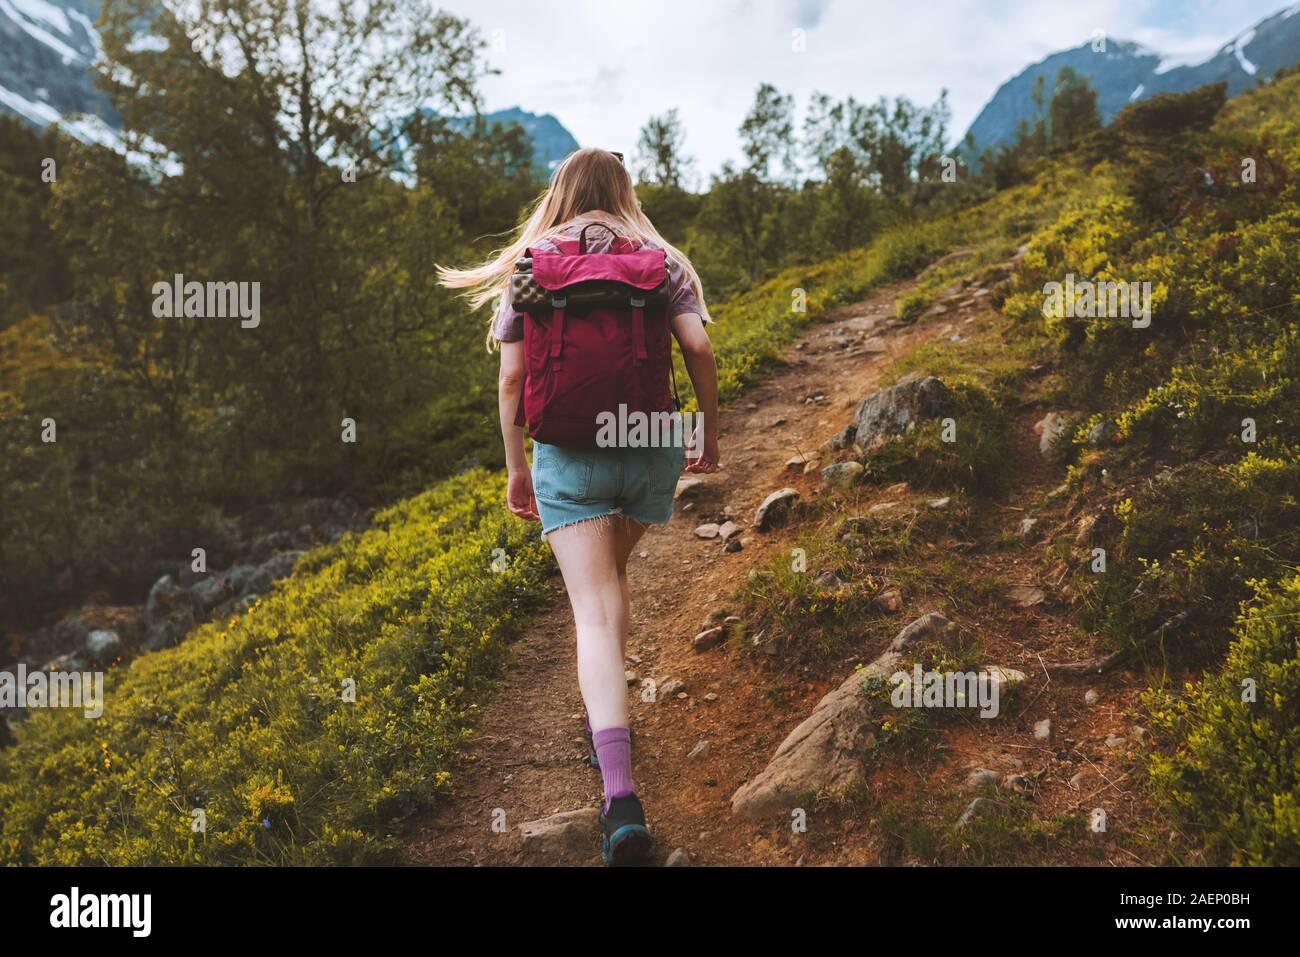 Mujer senderismo turístico solos en las montañas con mochila de aventura al aire libre en verano en el estilo de vida activo y saludable trekking en Noruega Foto de stock